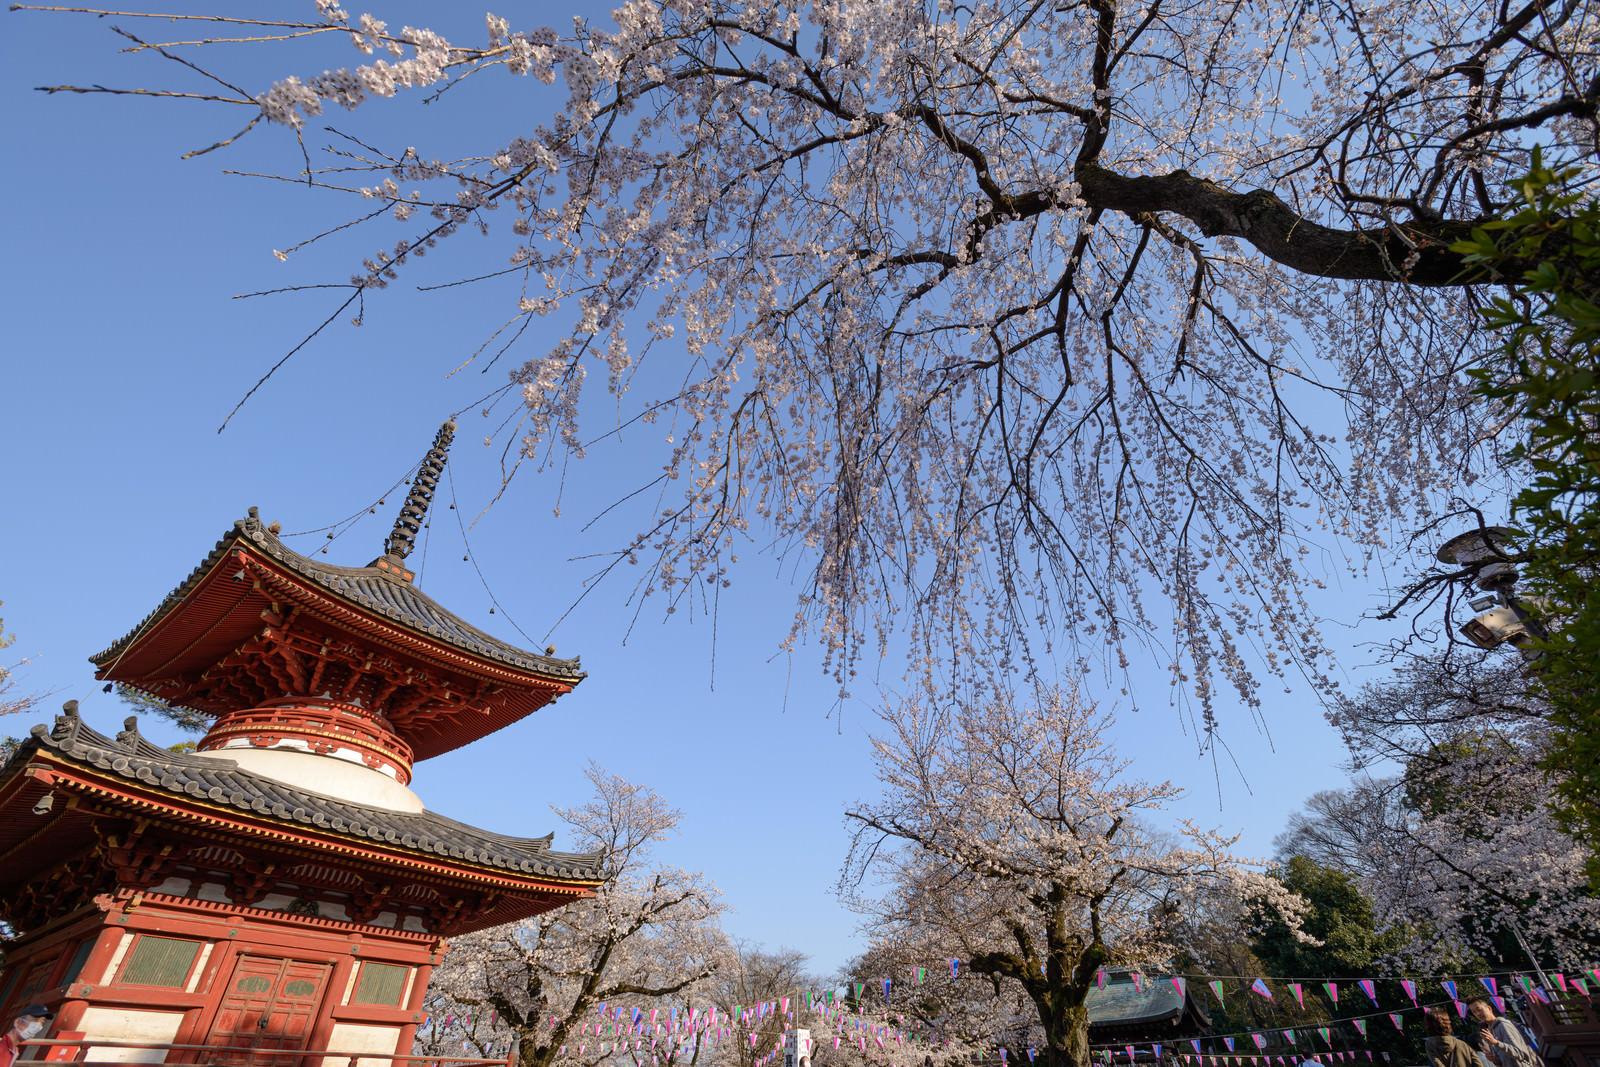 「境内の木造塔と桜(川越大師 喜多院)」の写真